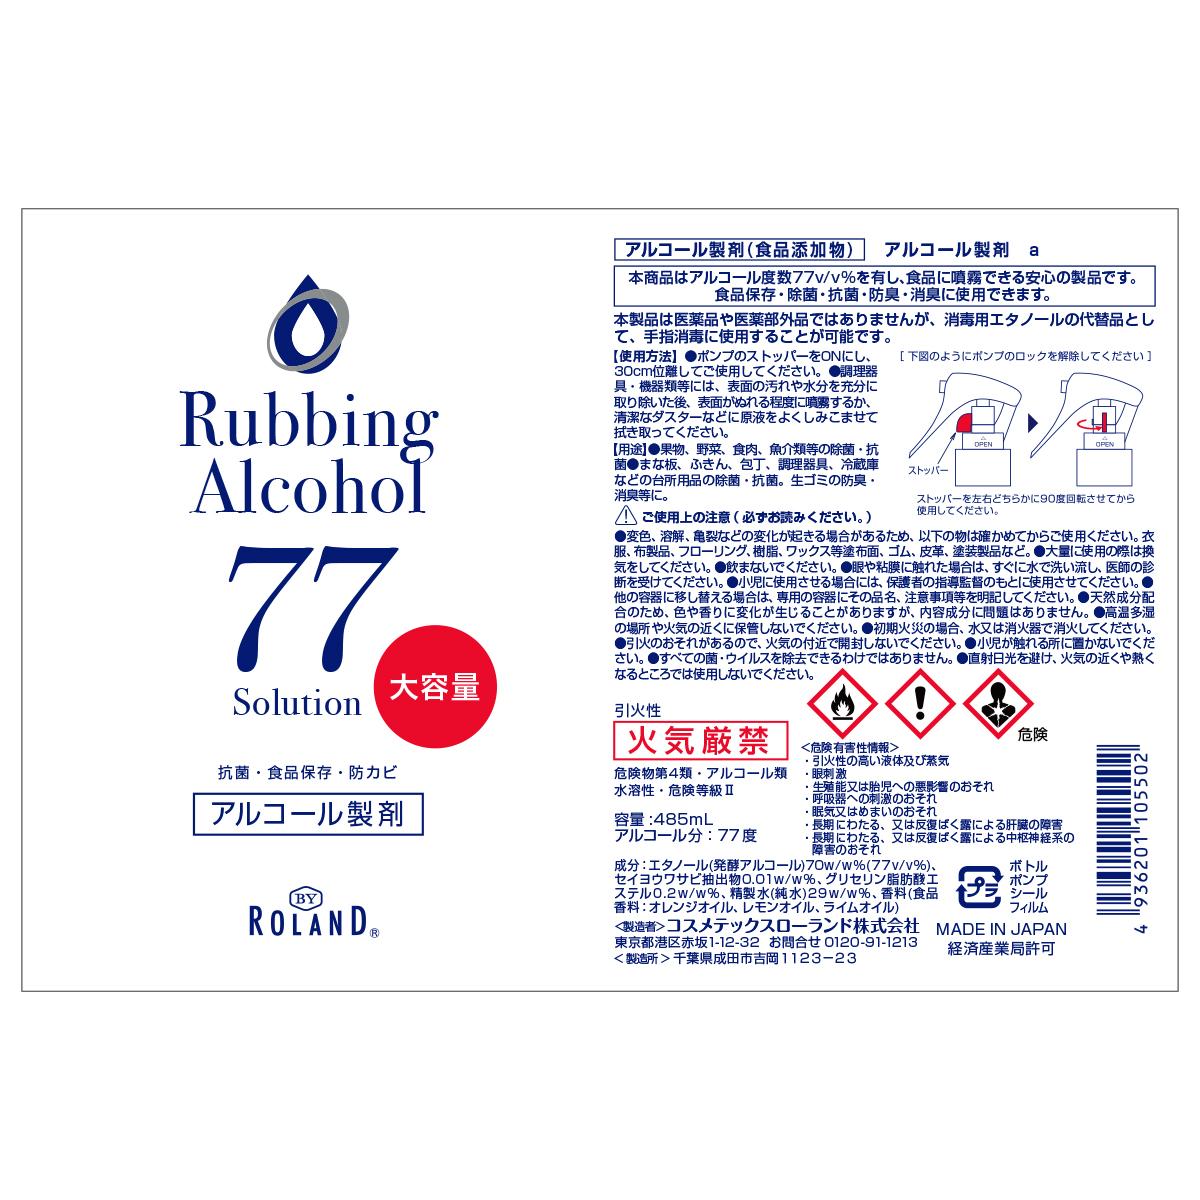 アルコール77%製剤a 485mL 食品添加物 日本製 BY ROLAND (x741)